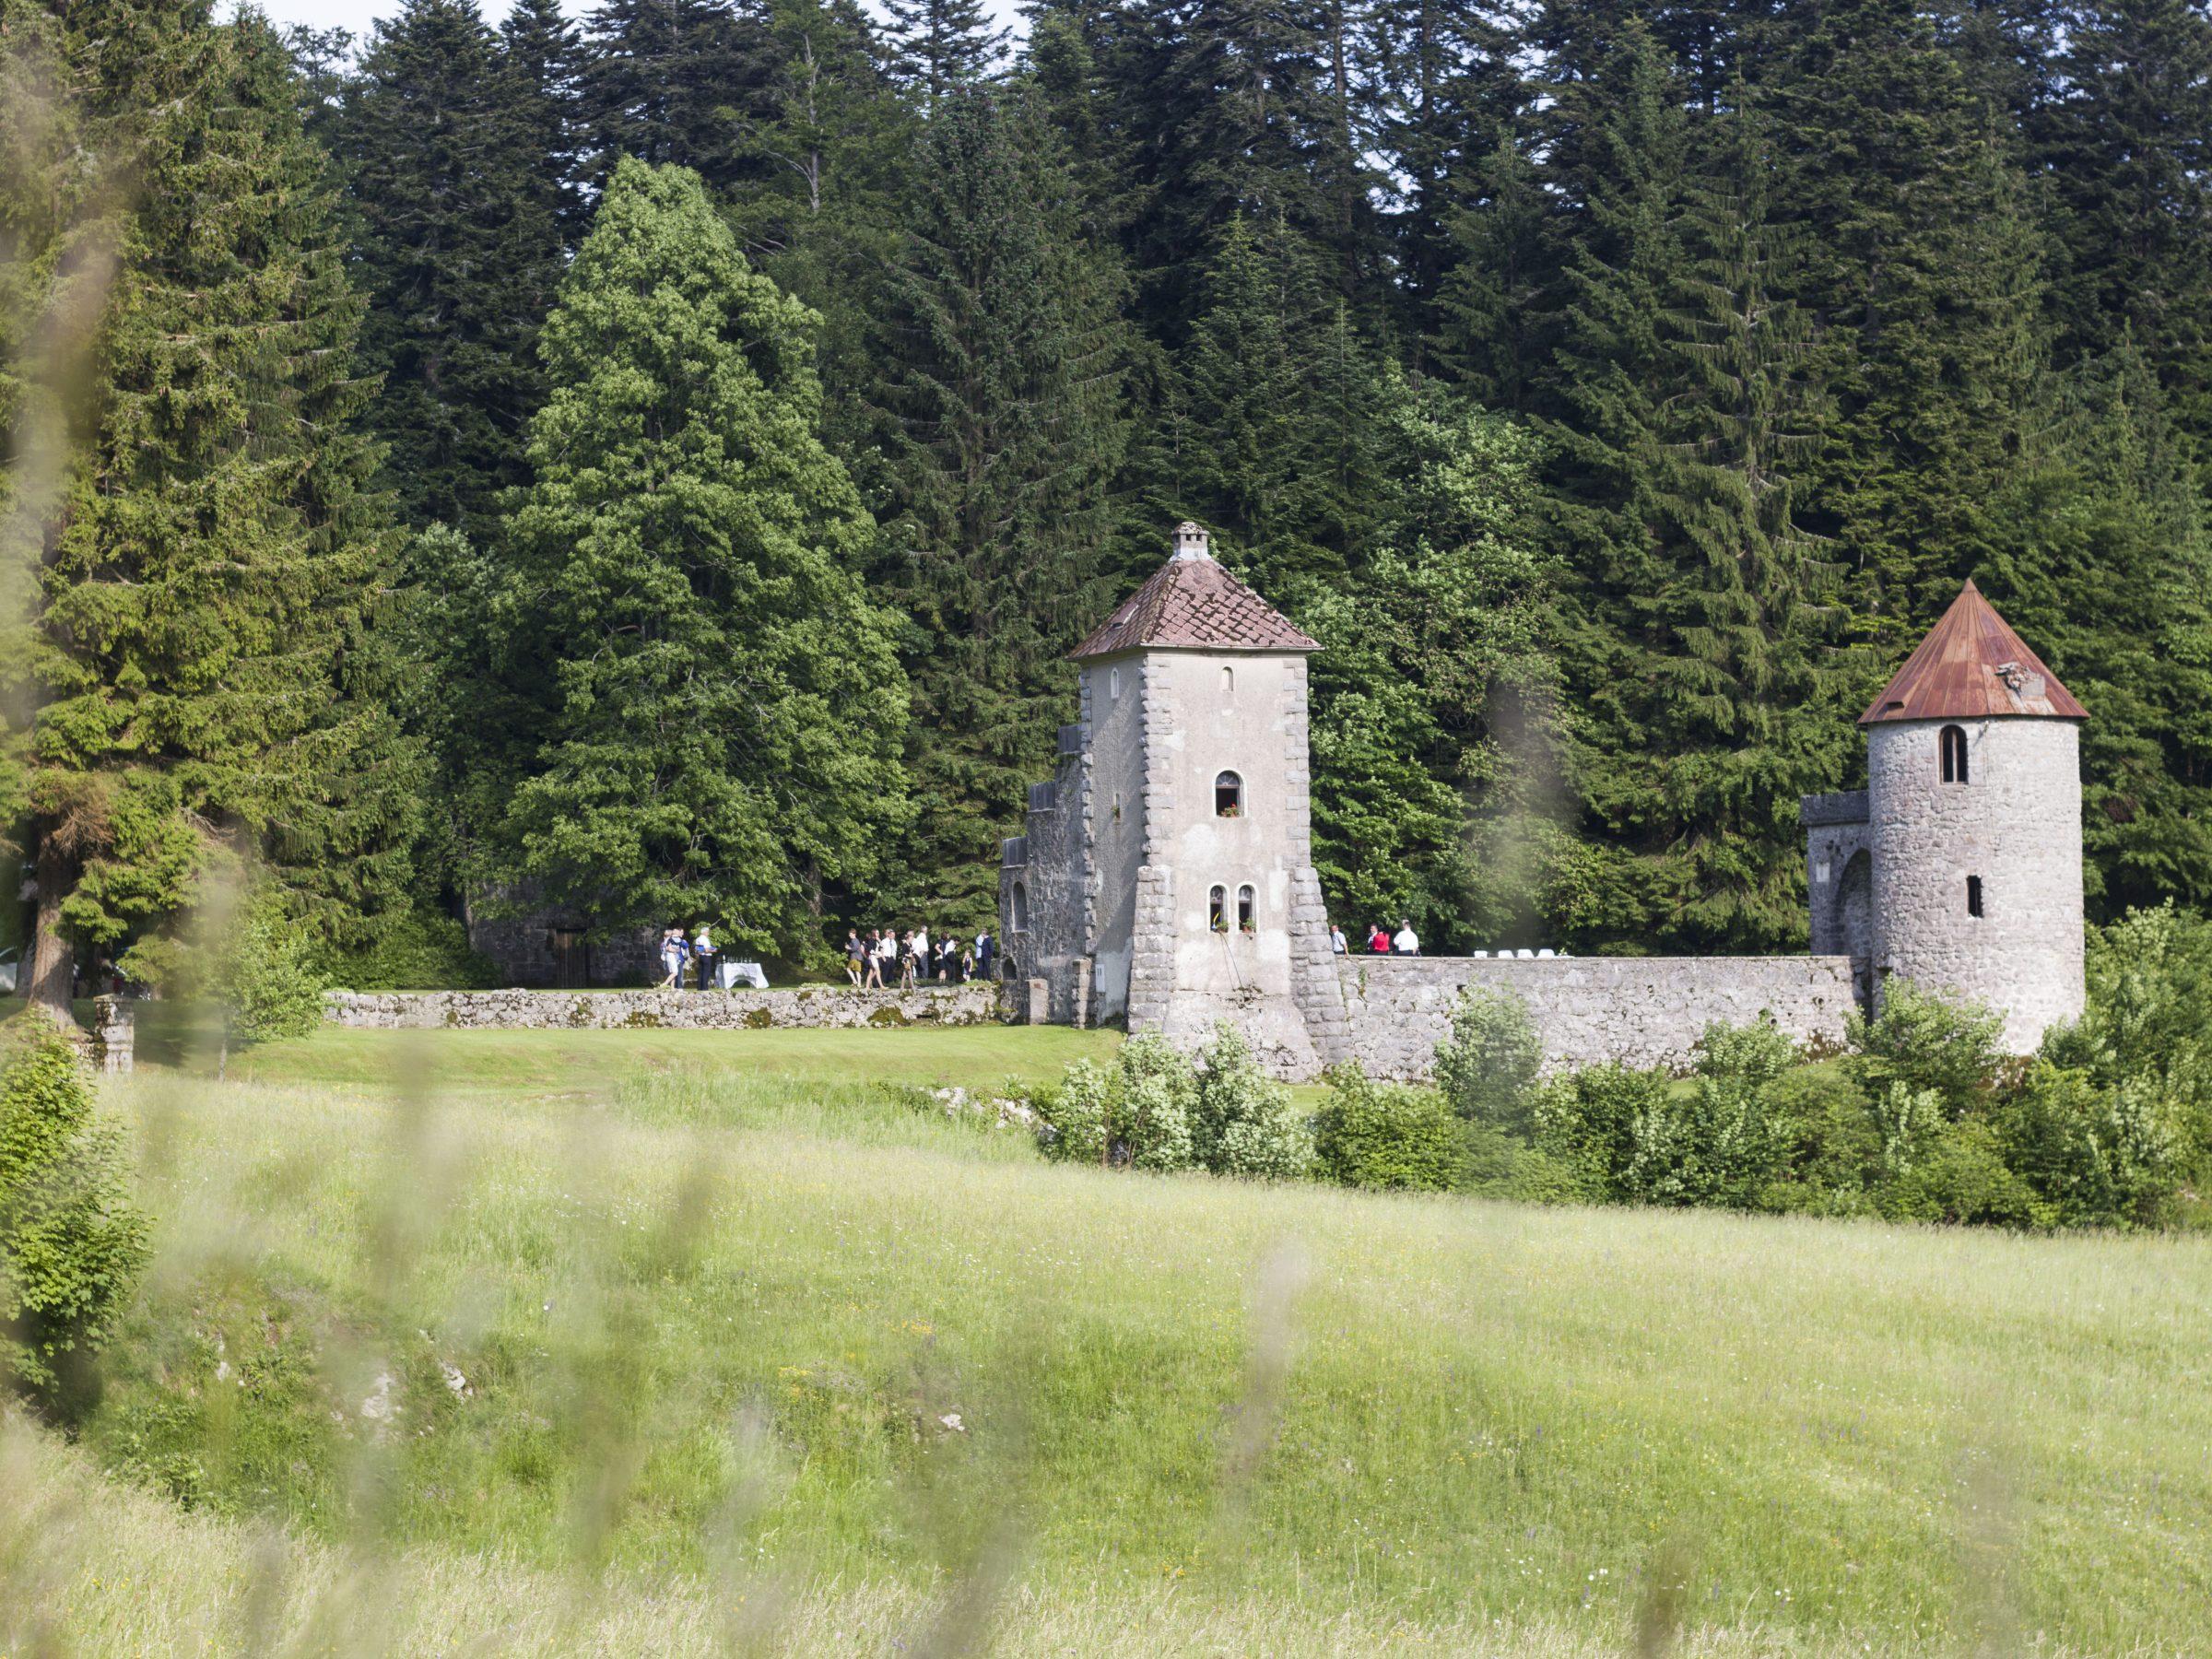 Ostanki lovskega dvorca Masun